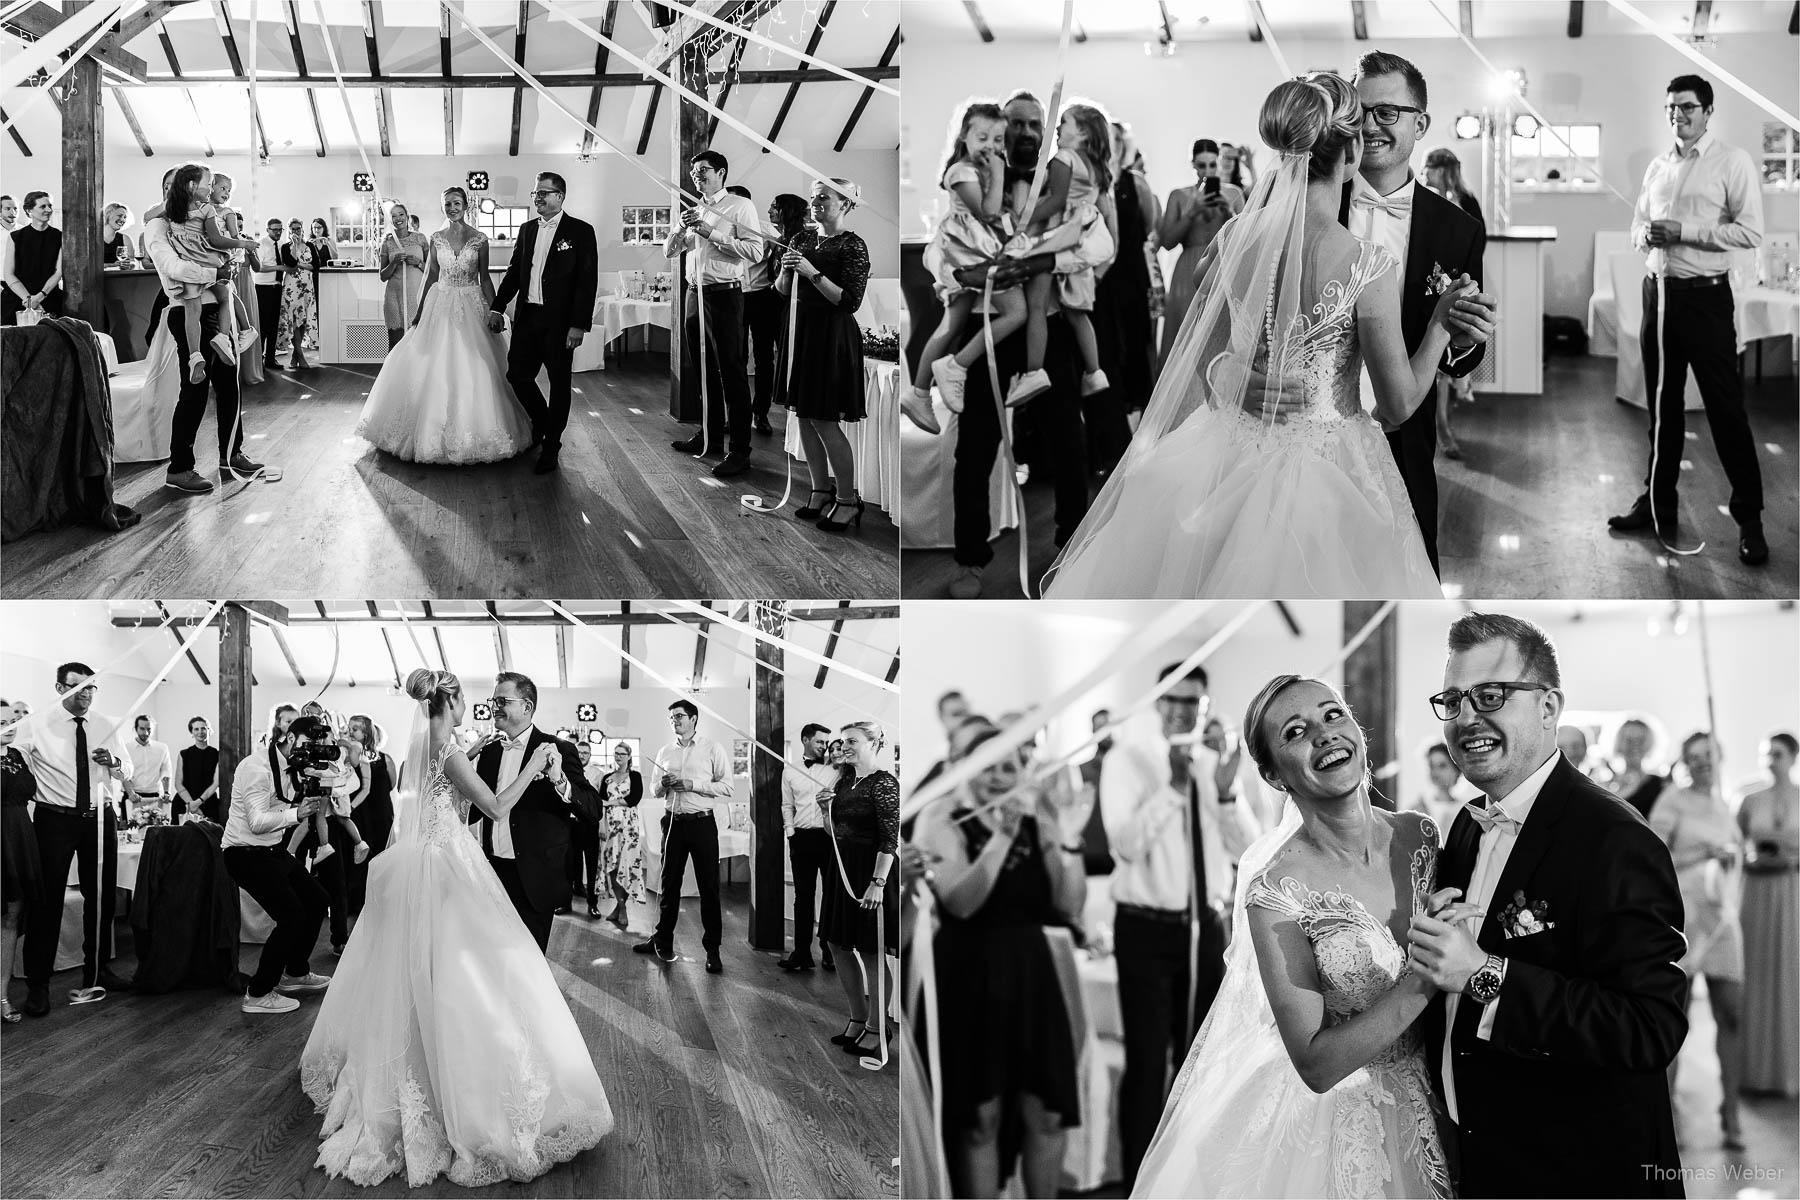 Tanz und Party auf der Hochzeitsfeier, Kirchliche Hochzeit in Rastede und Hochzeitsfeier in der Scheune St. Georg Rastede, Hochzeitsfotograf Thomas Weber aus Oldenburg